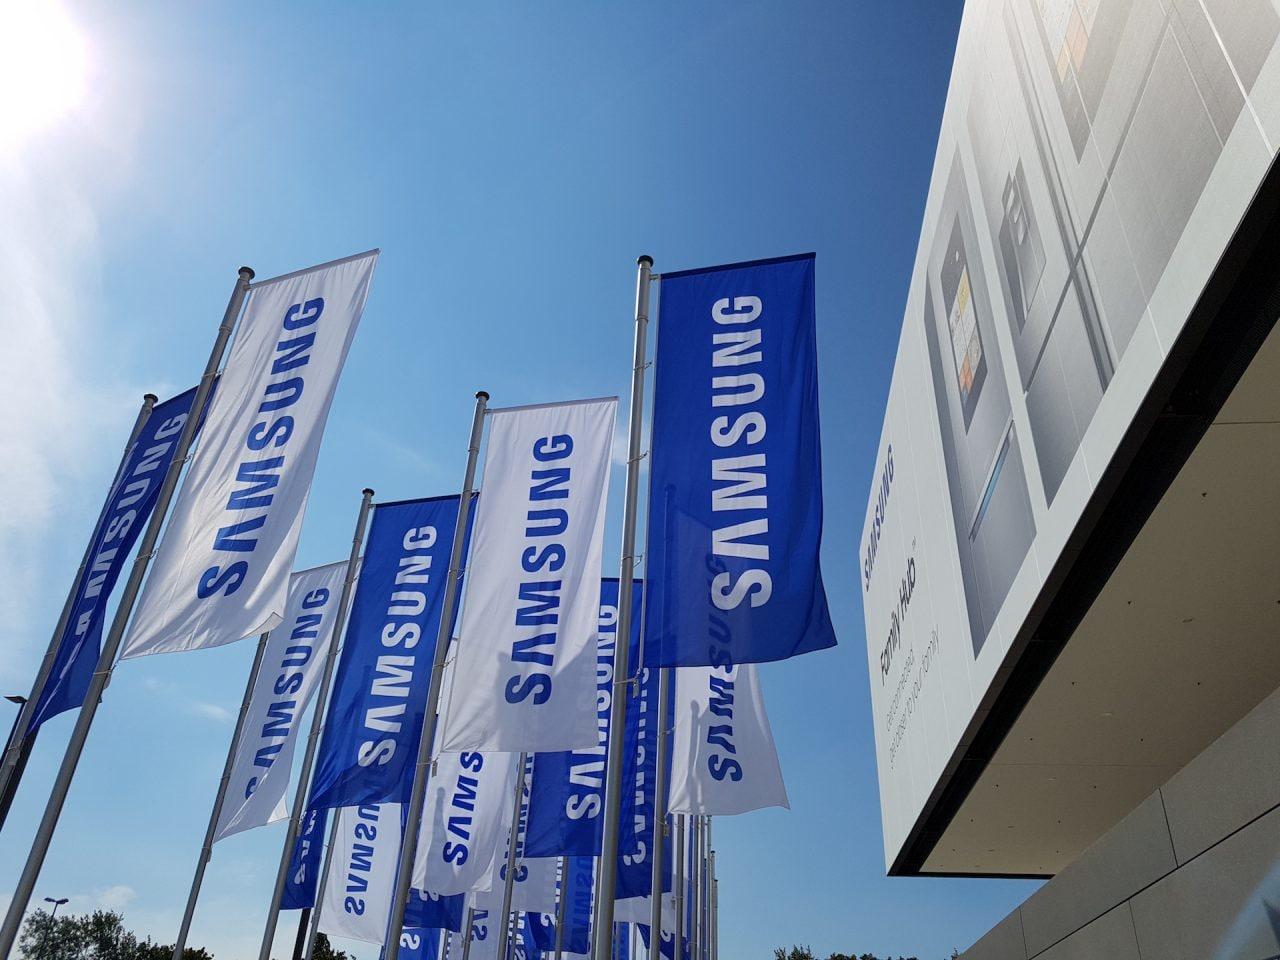 In attesa degli smartphone flessibili, Samsung pensa anche ai display estendibili (foto)